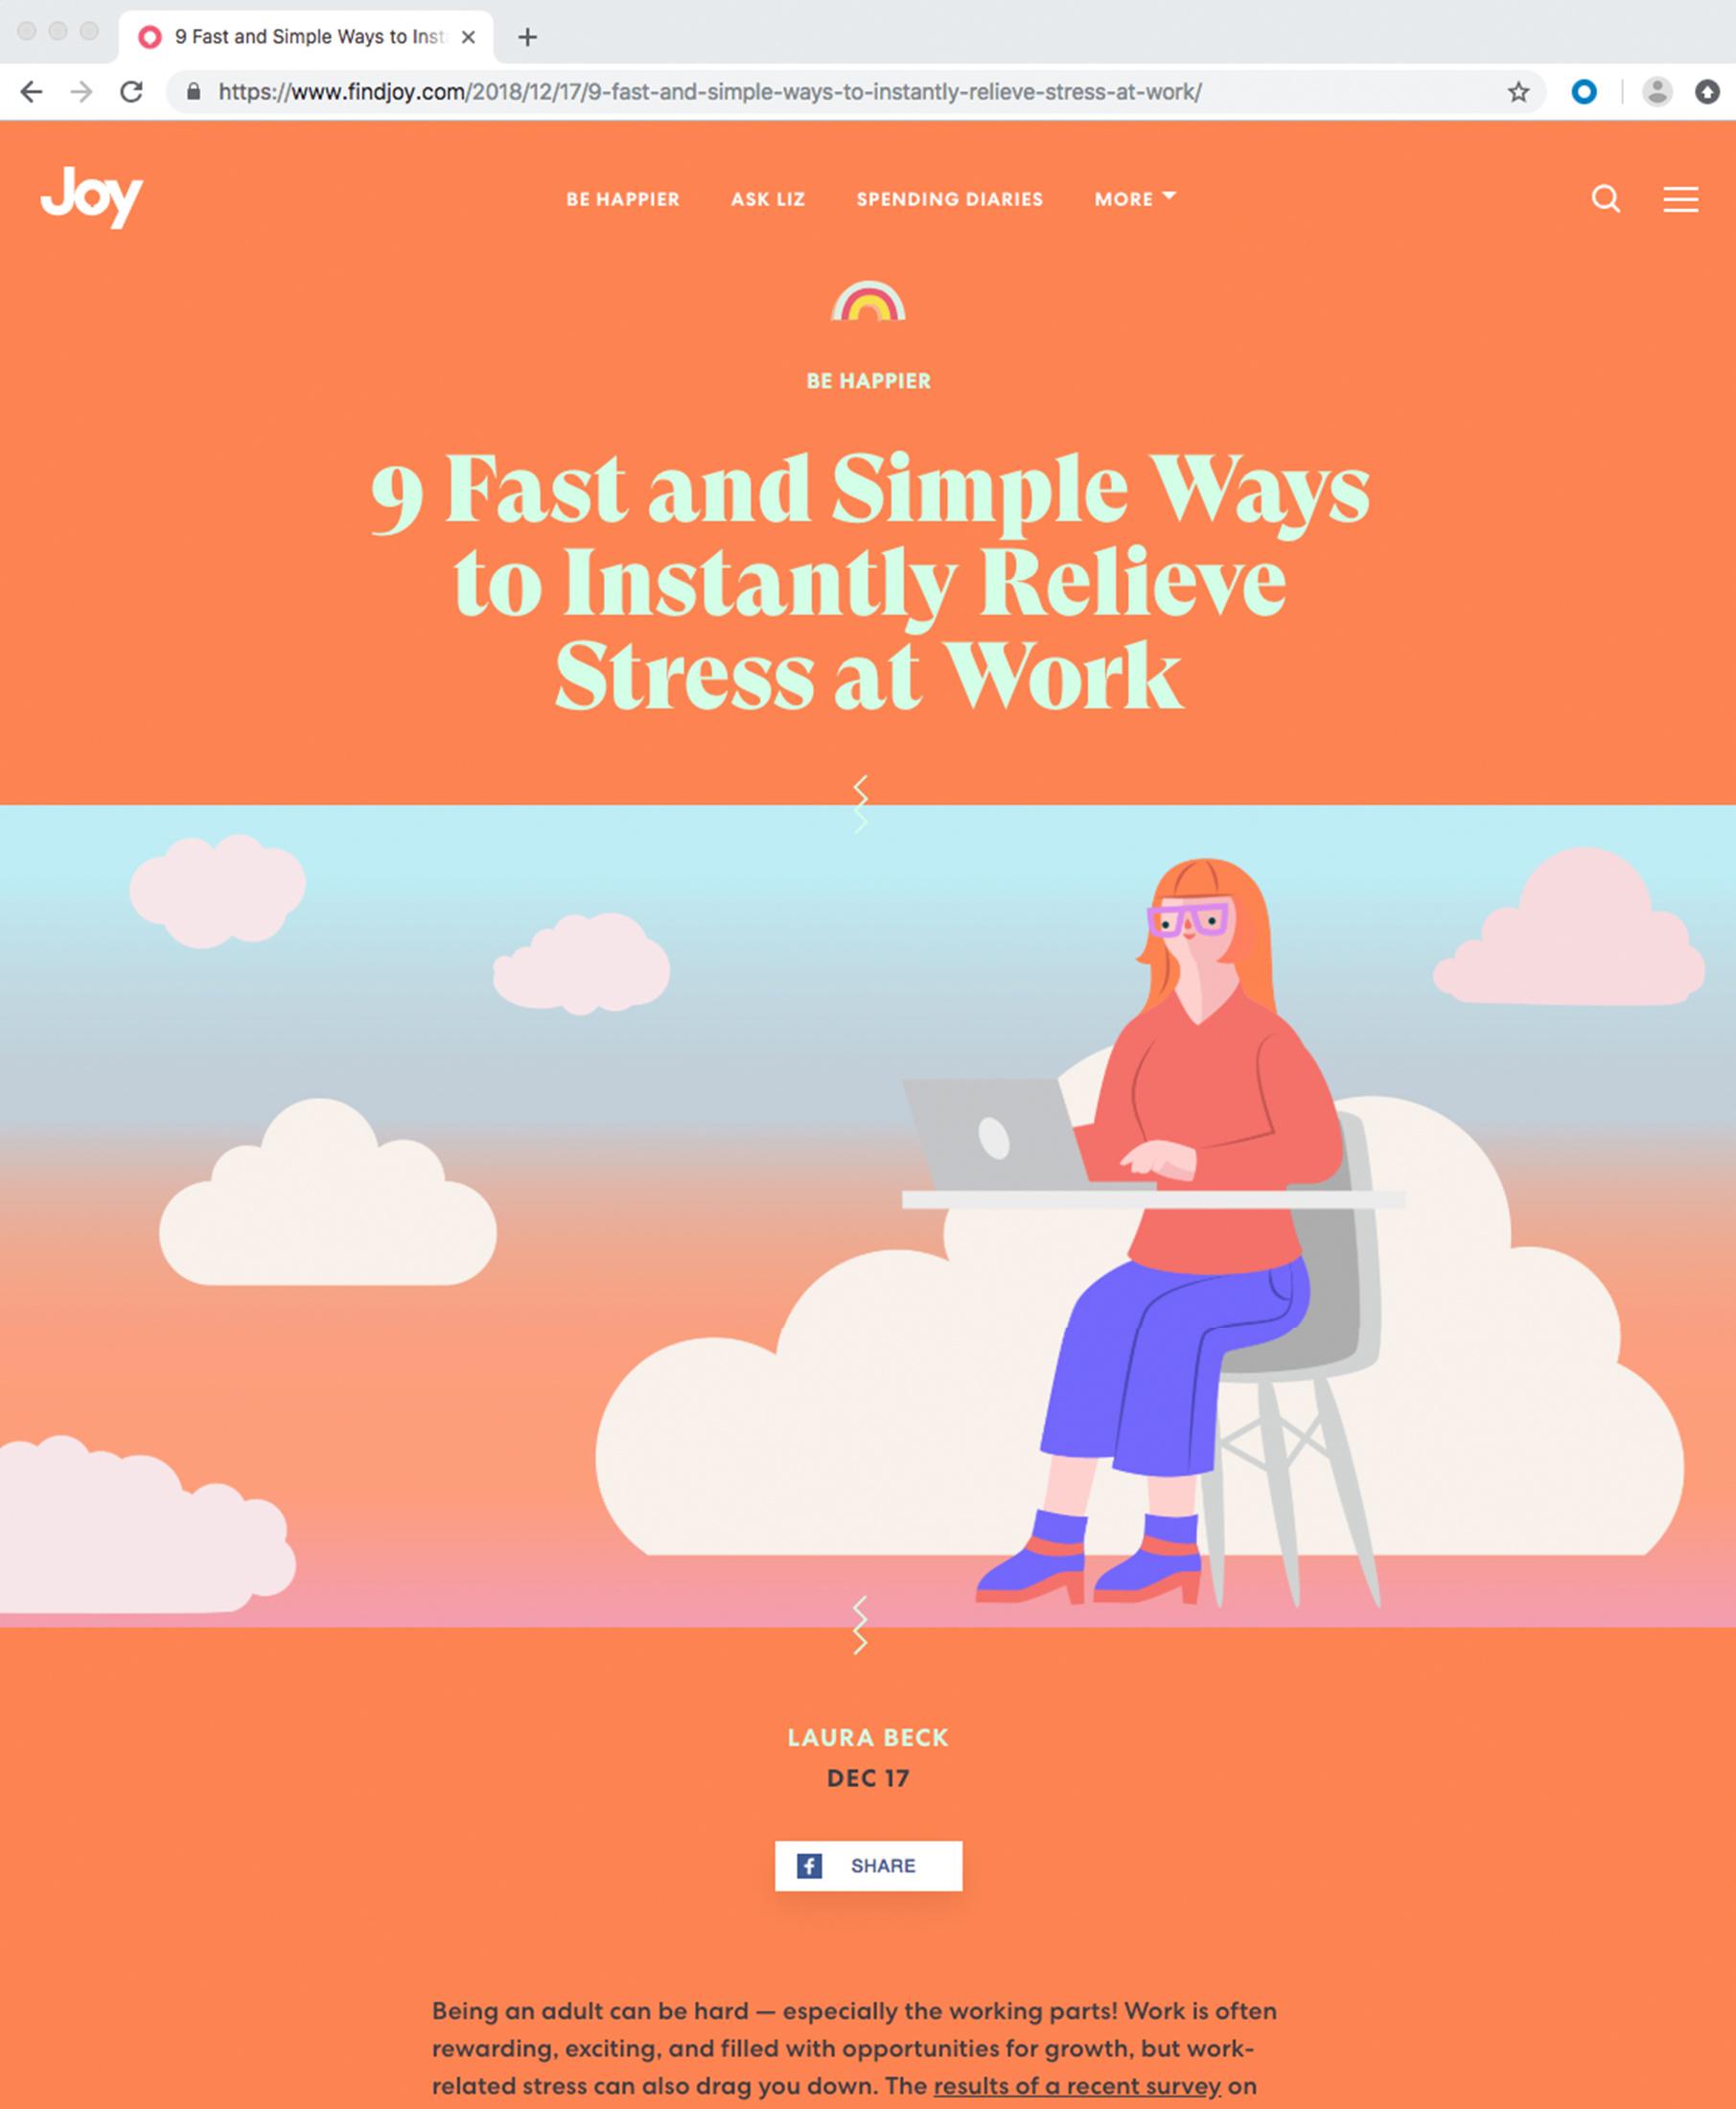 Find-Joy desktop-stress-at-work.jpg